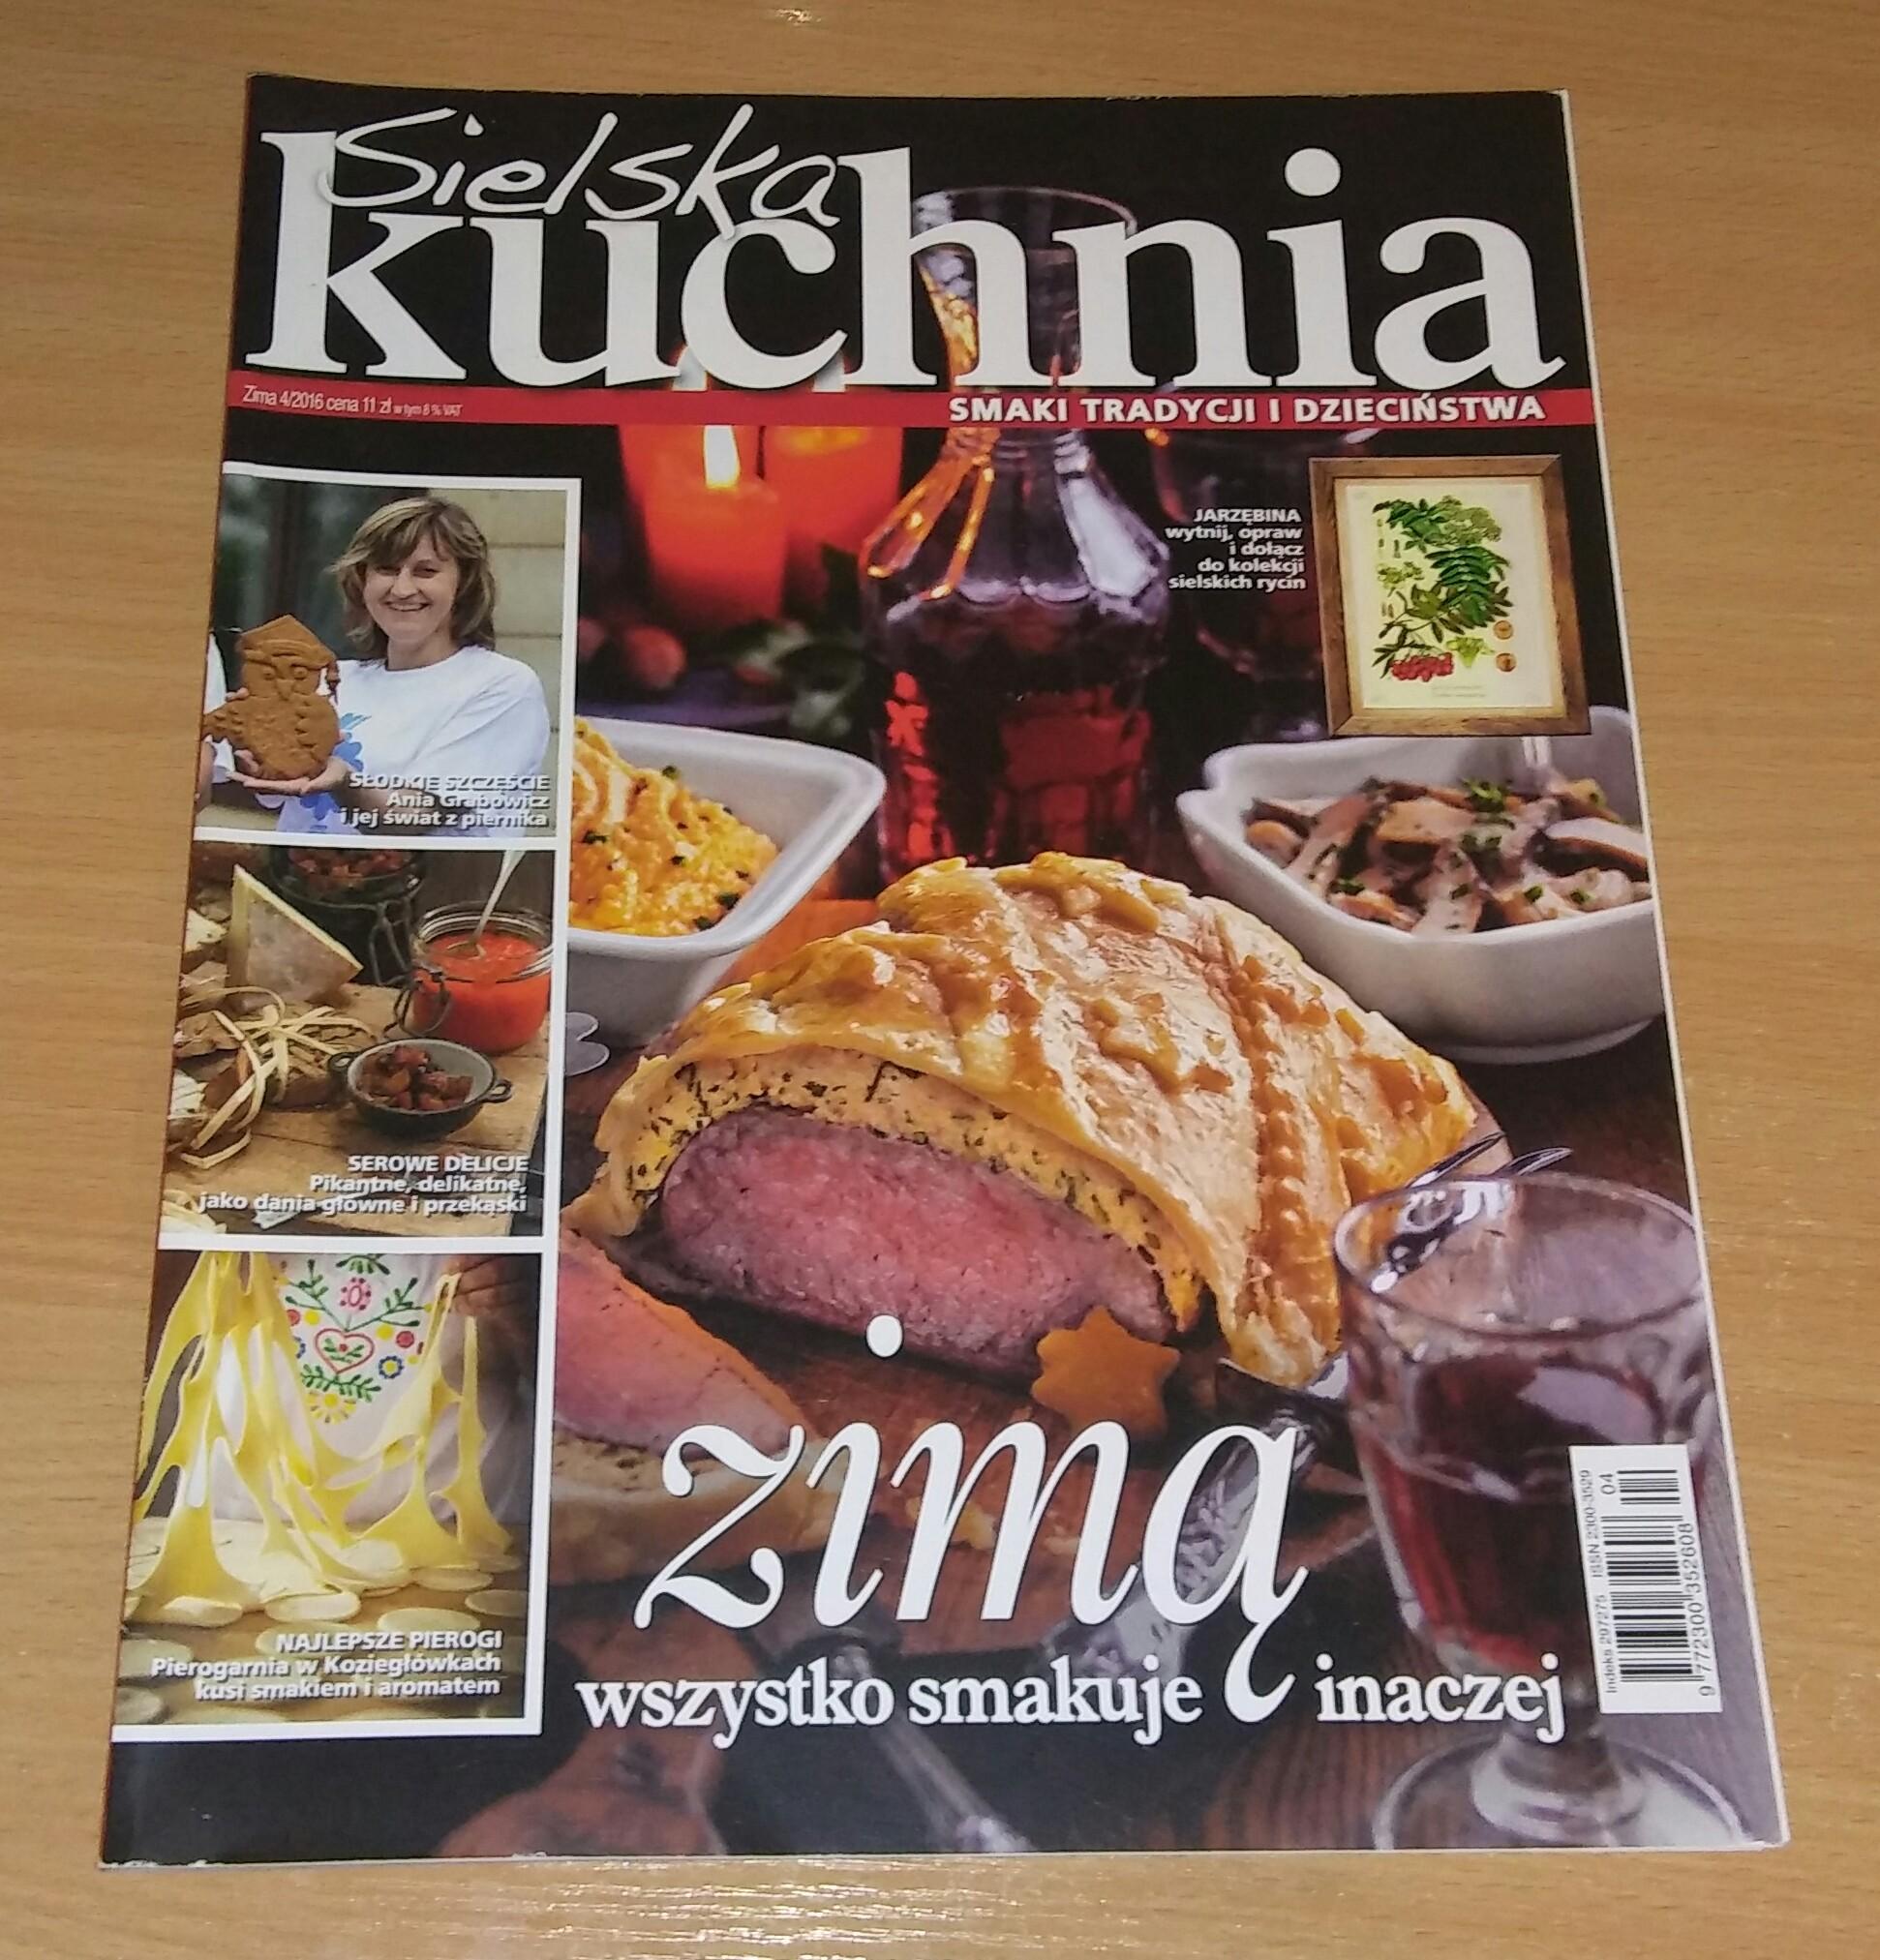 Sielska Kuchnia 42016 Smaki Tradycji Dzieciństwa